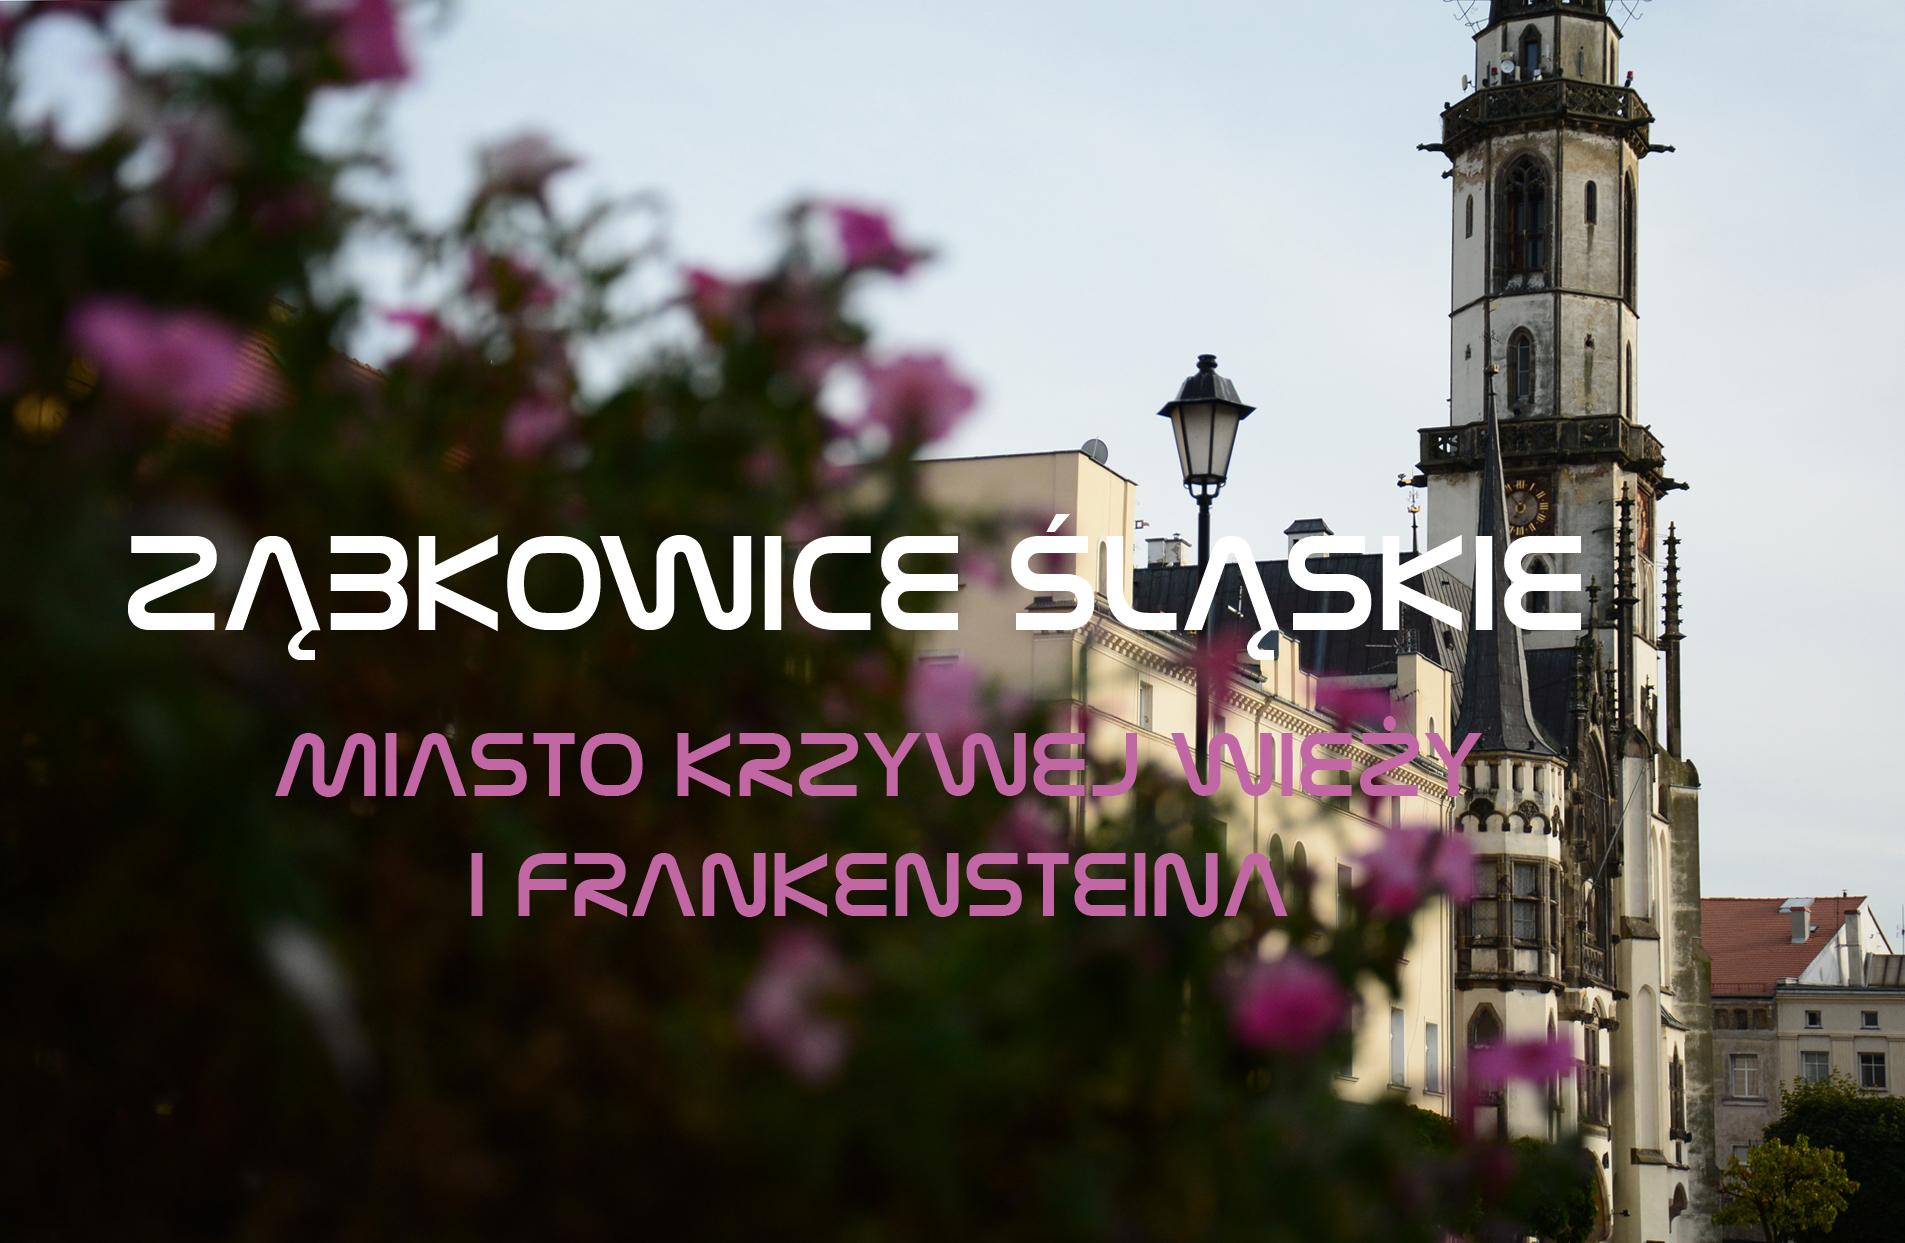 Ząbkowice Śląskie i okolice – atrakcje turystyczne i miejsca, które warto zobaczyć w mieście Krzywej Wieży i Frankensteina